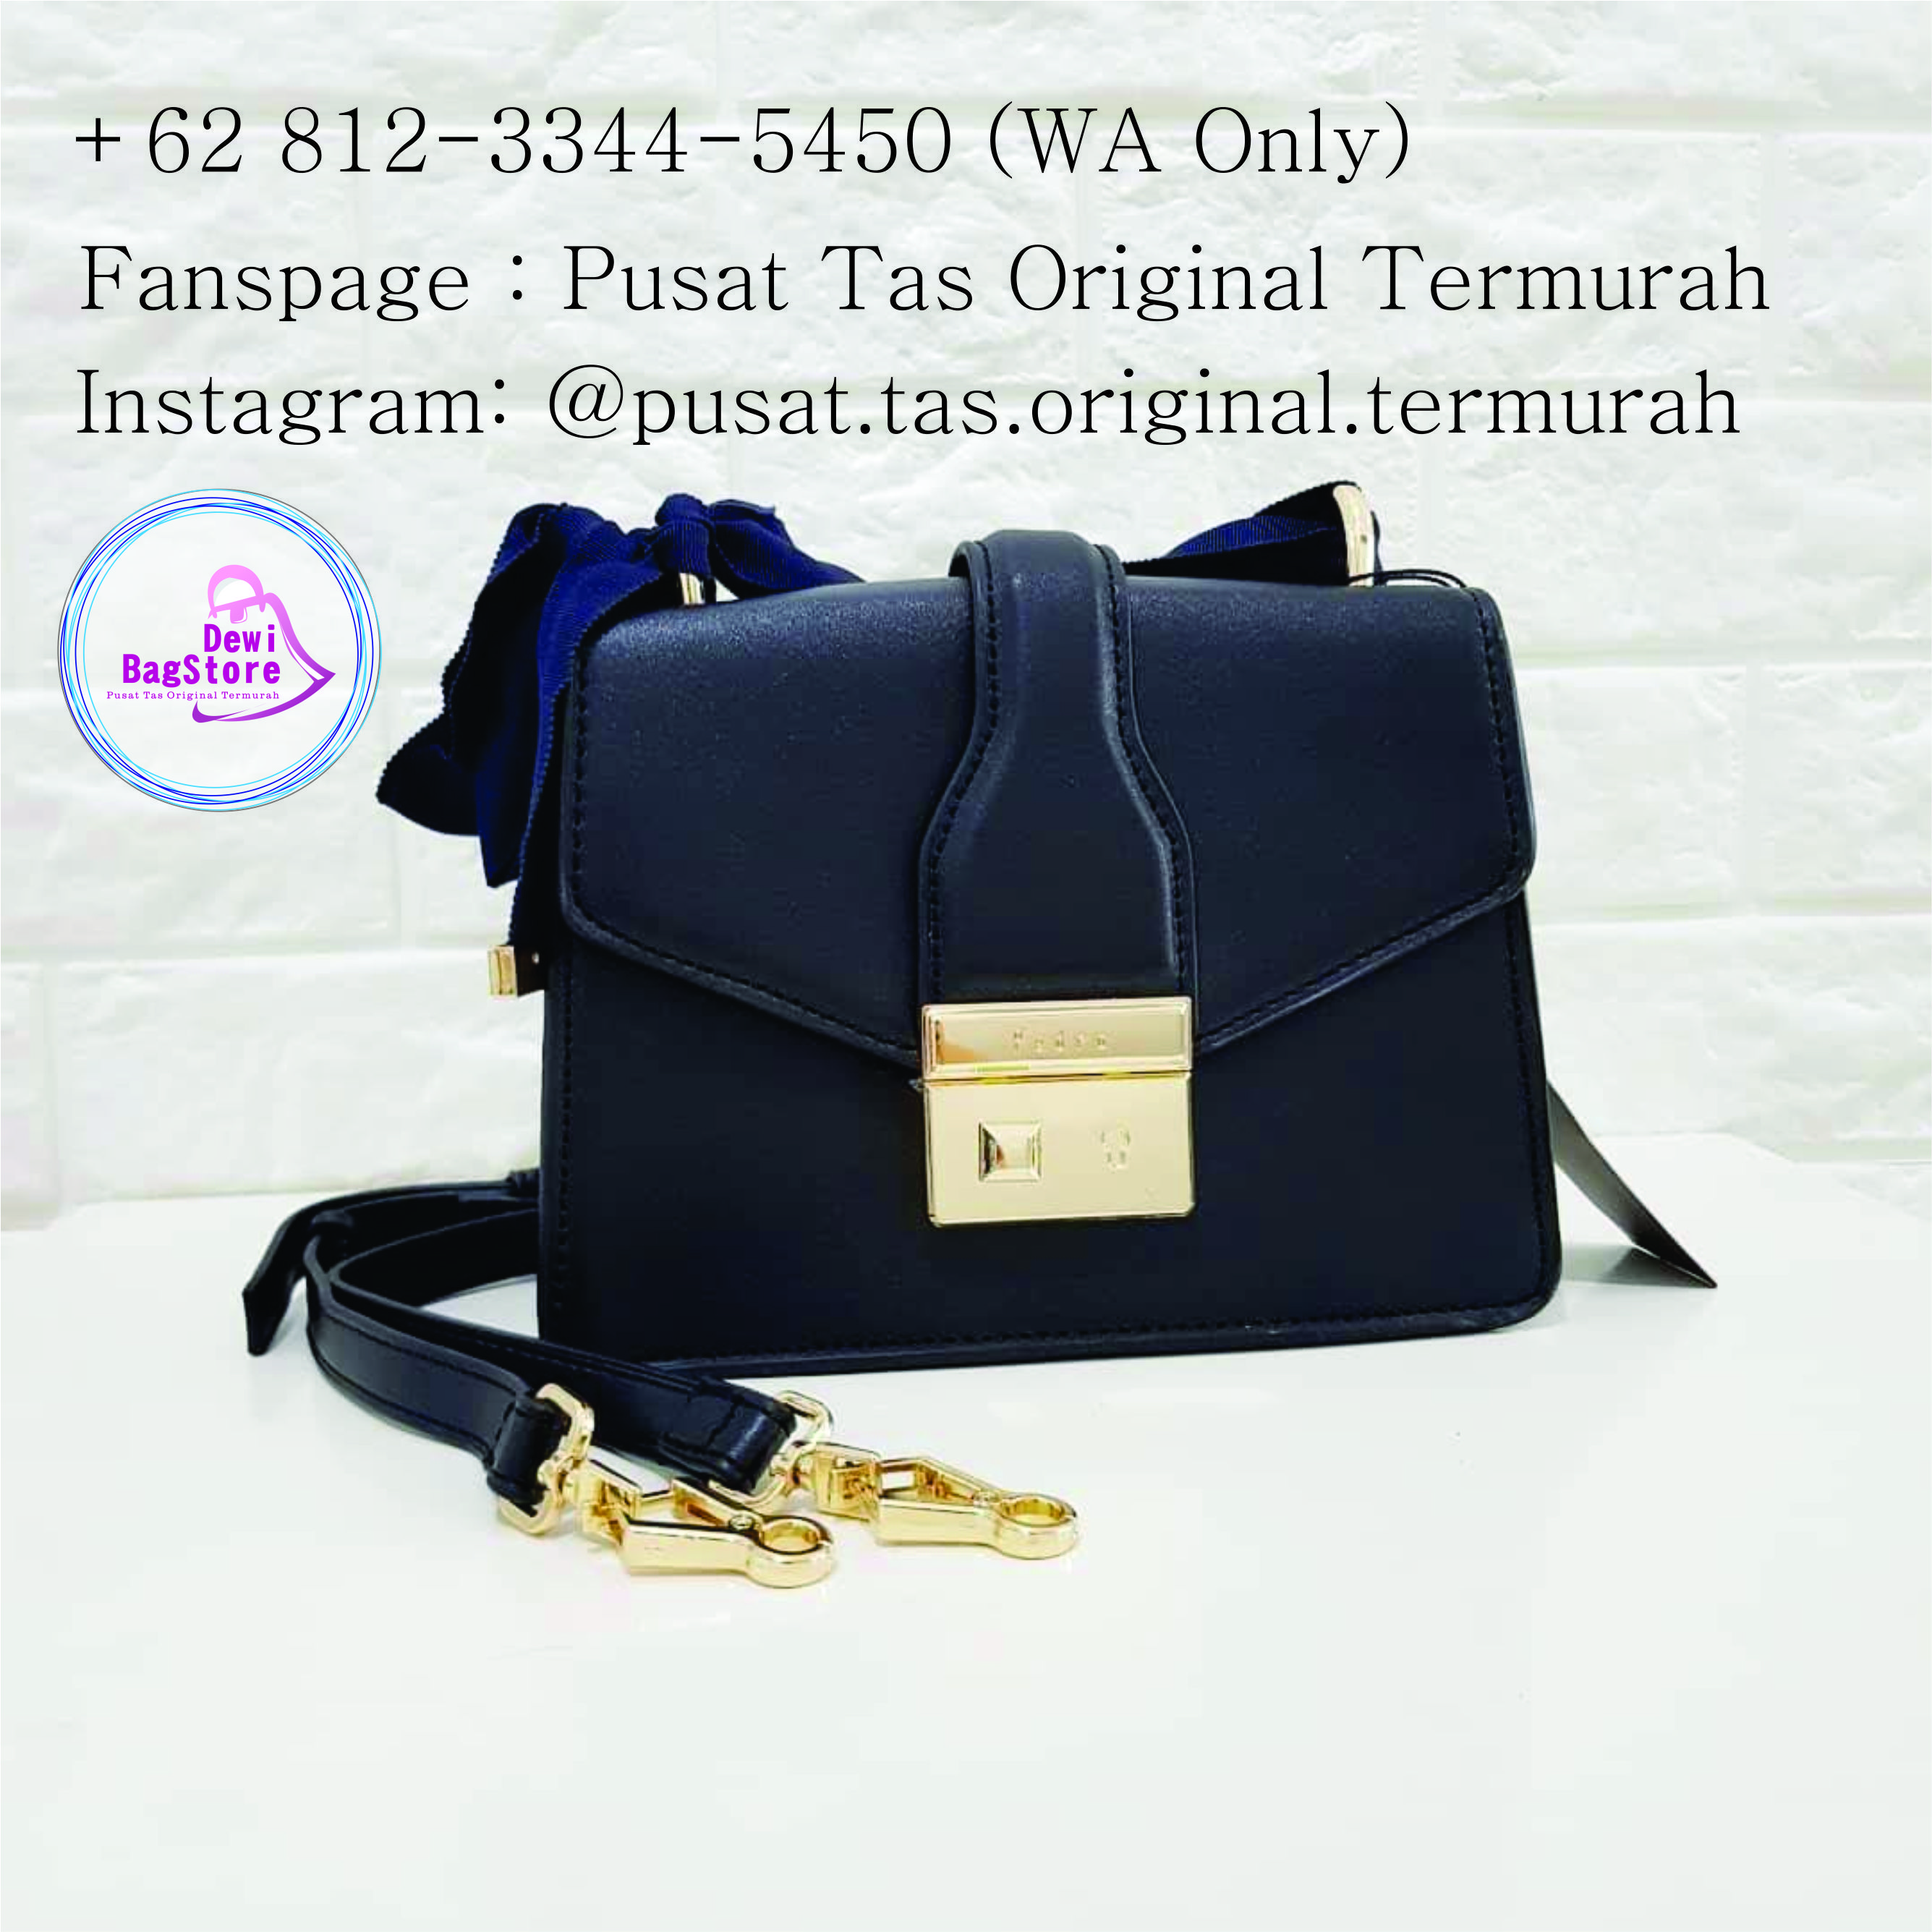 Gucci Import - A Big Deal 4c66463185